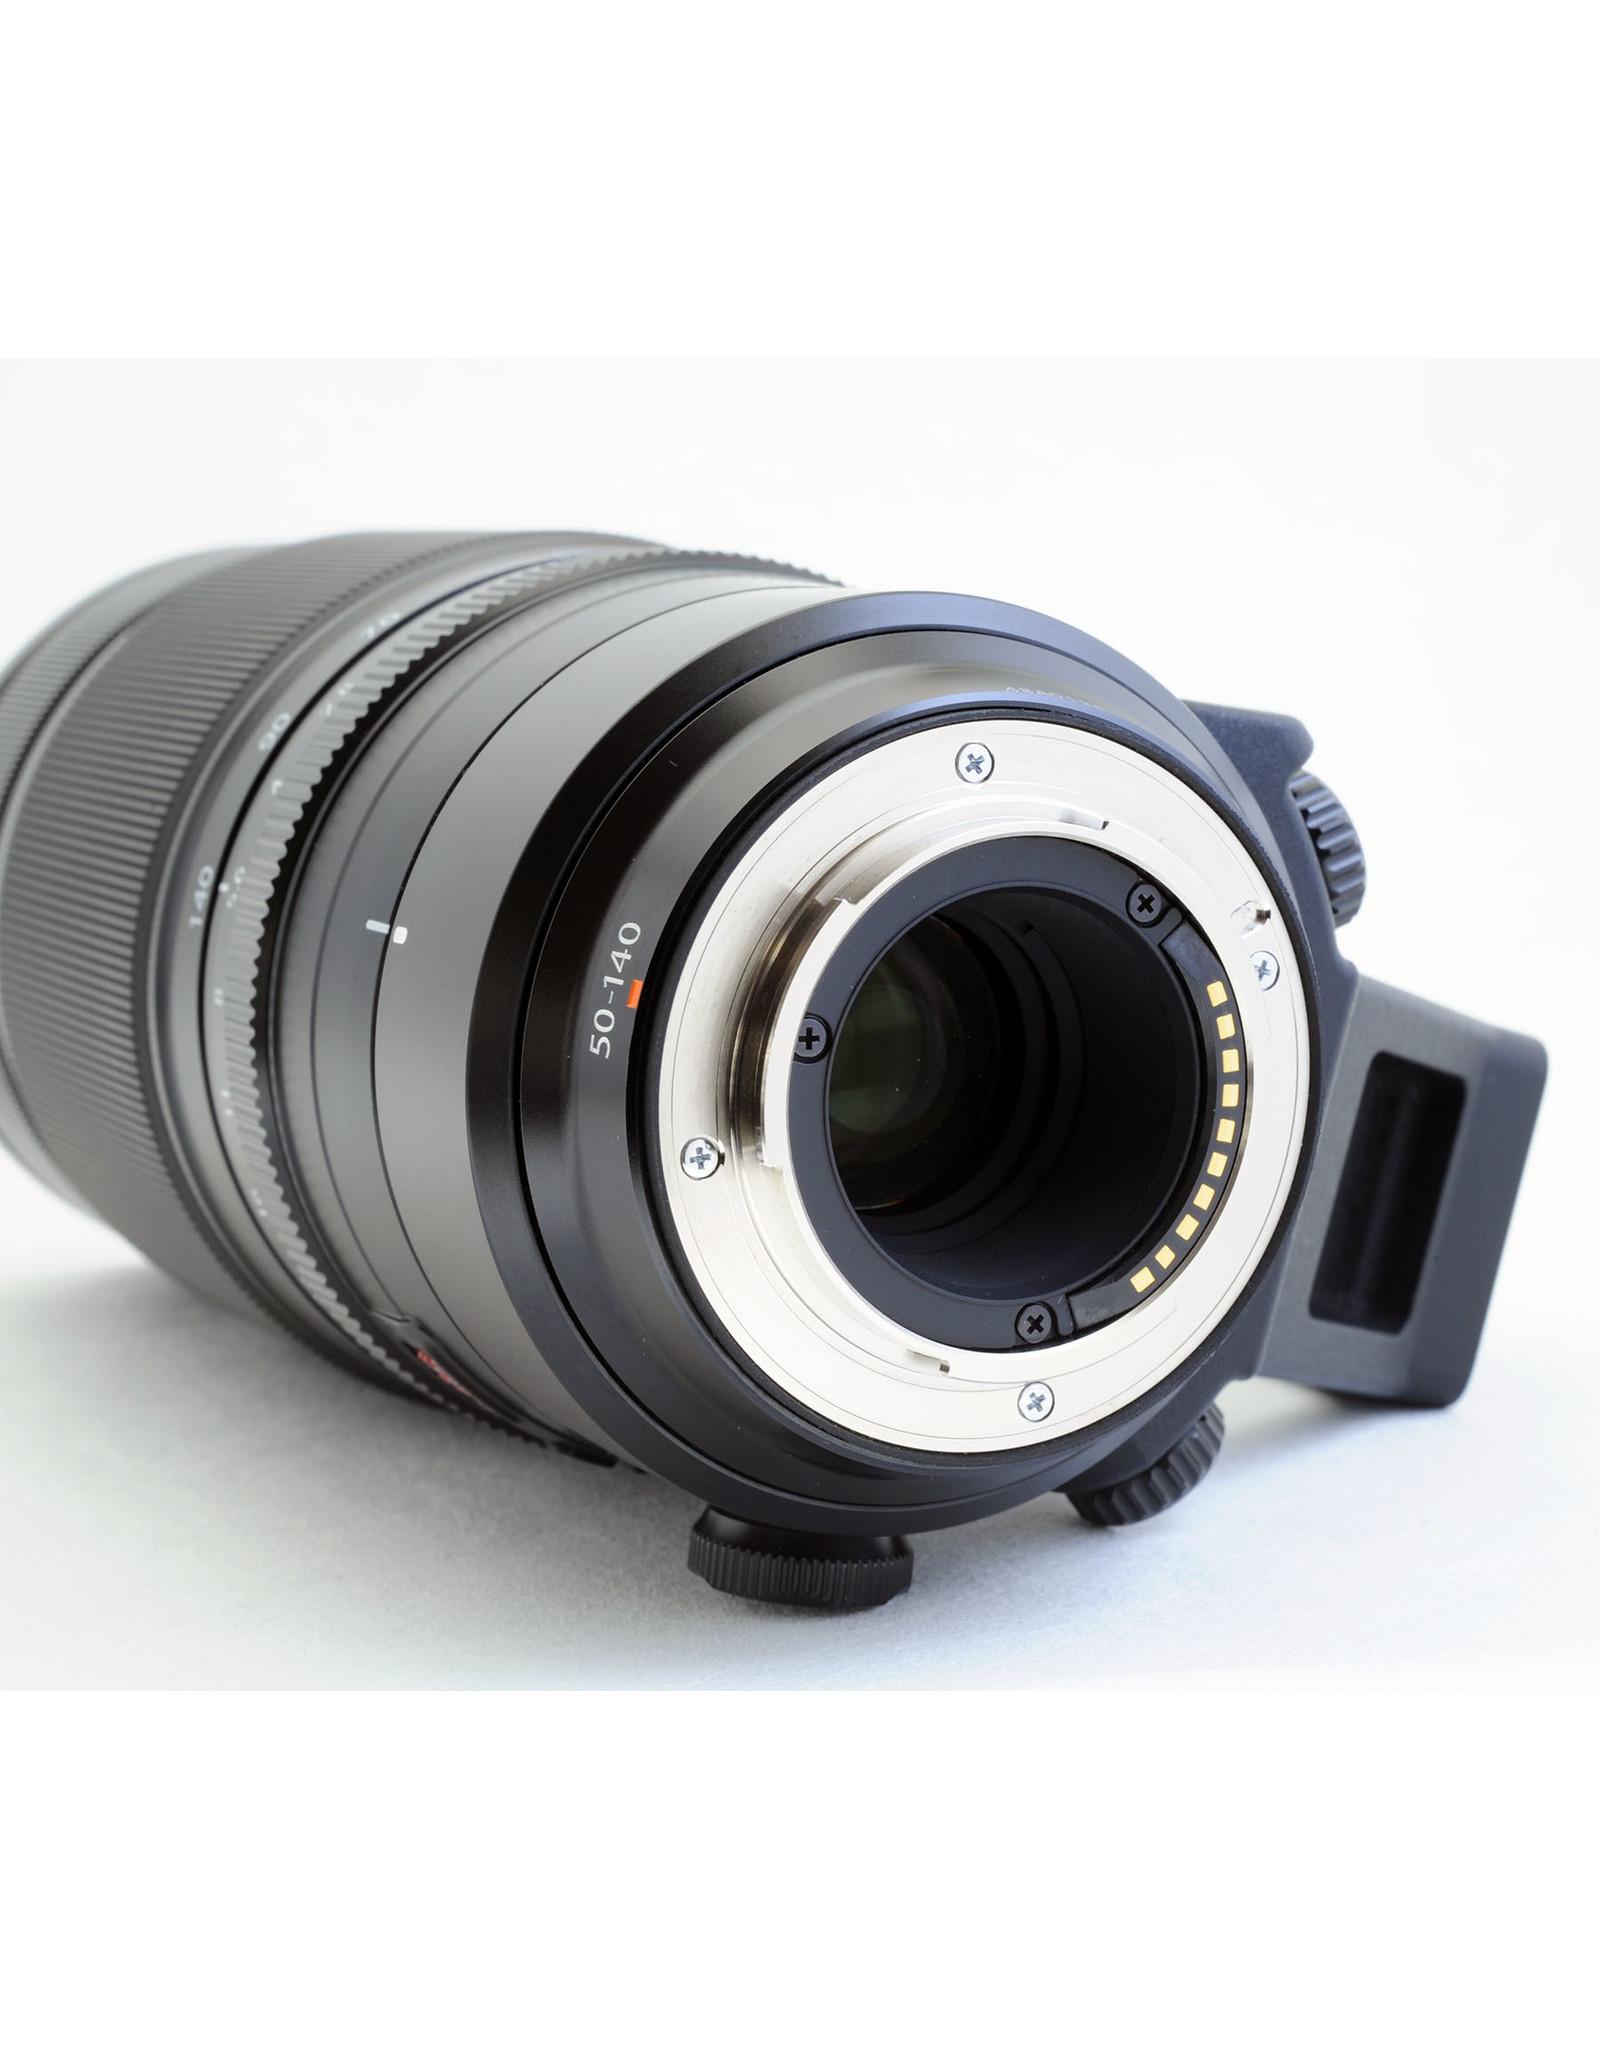 Fuji Fuji 50-140mm f2.8 R LM OIS WR + hood (boxed)